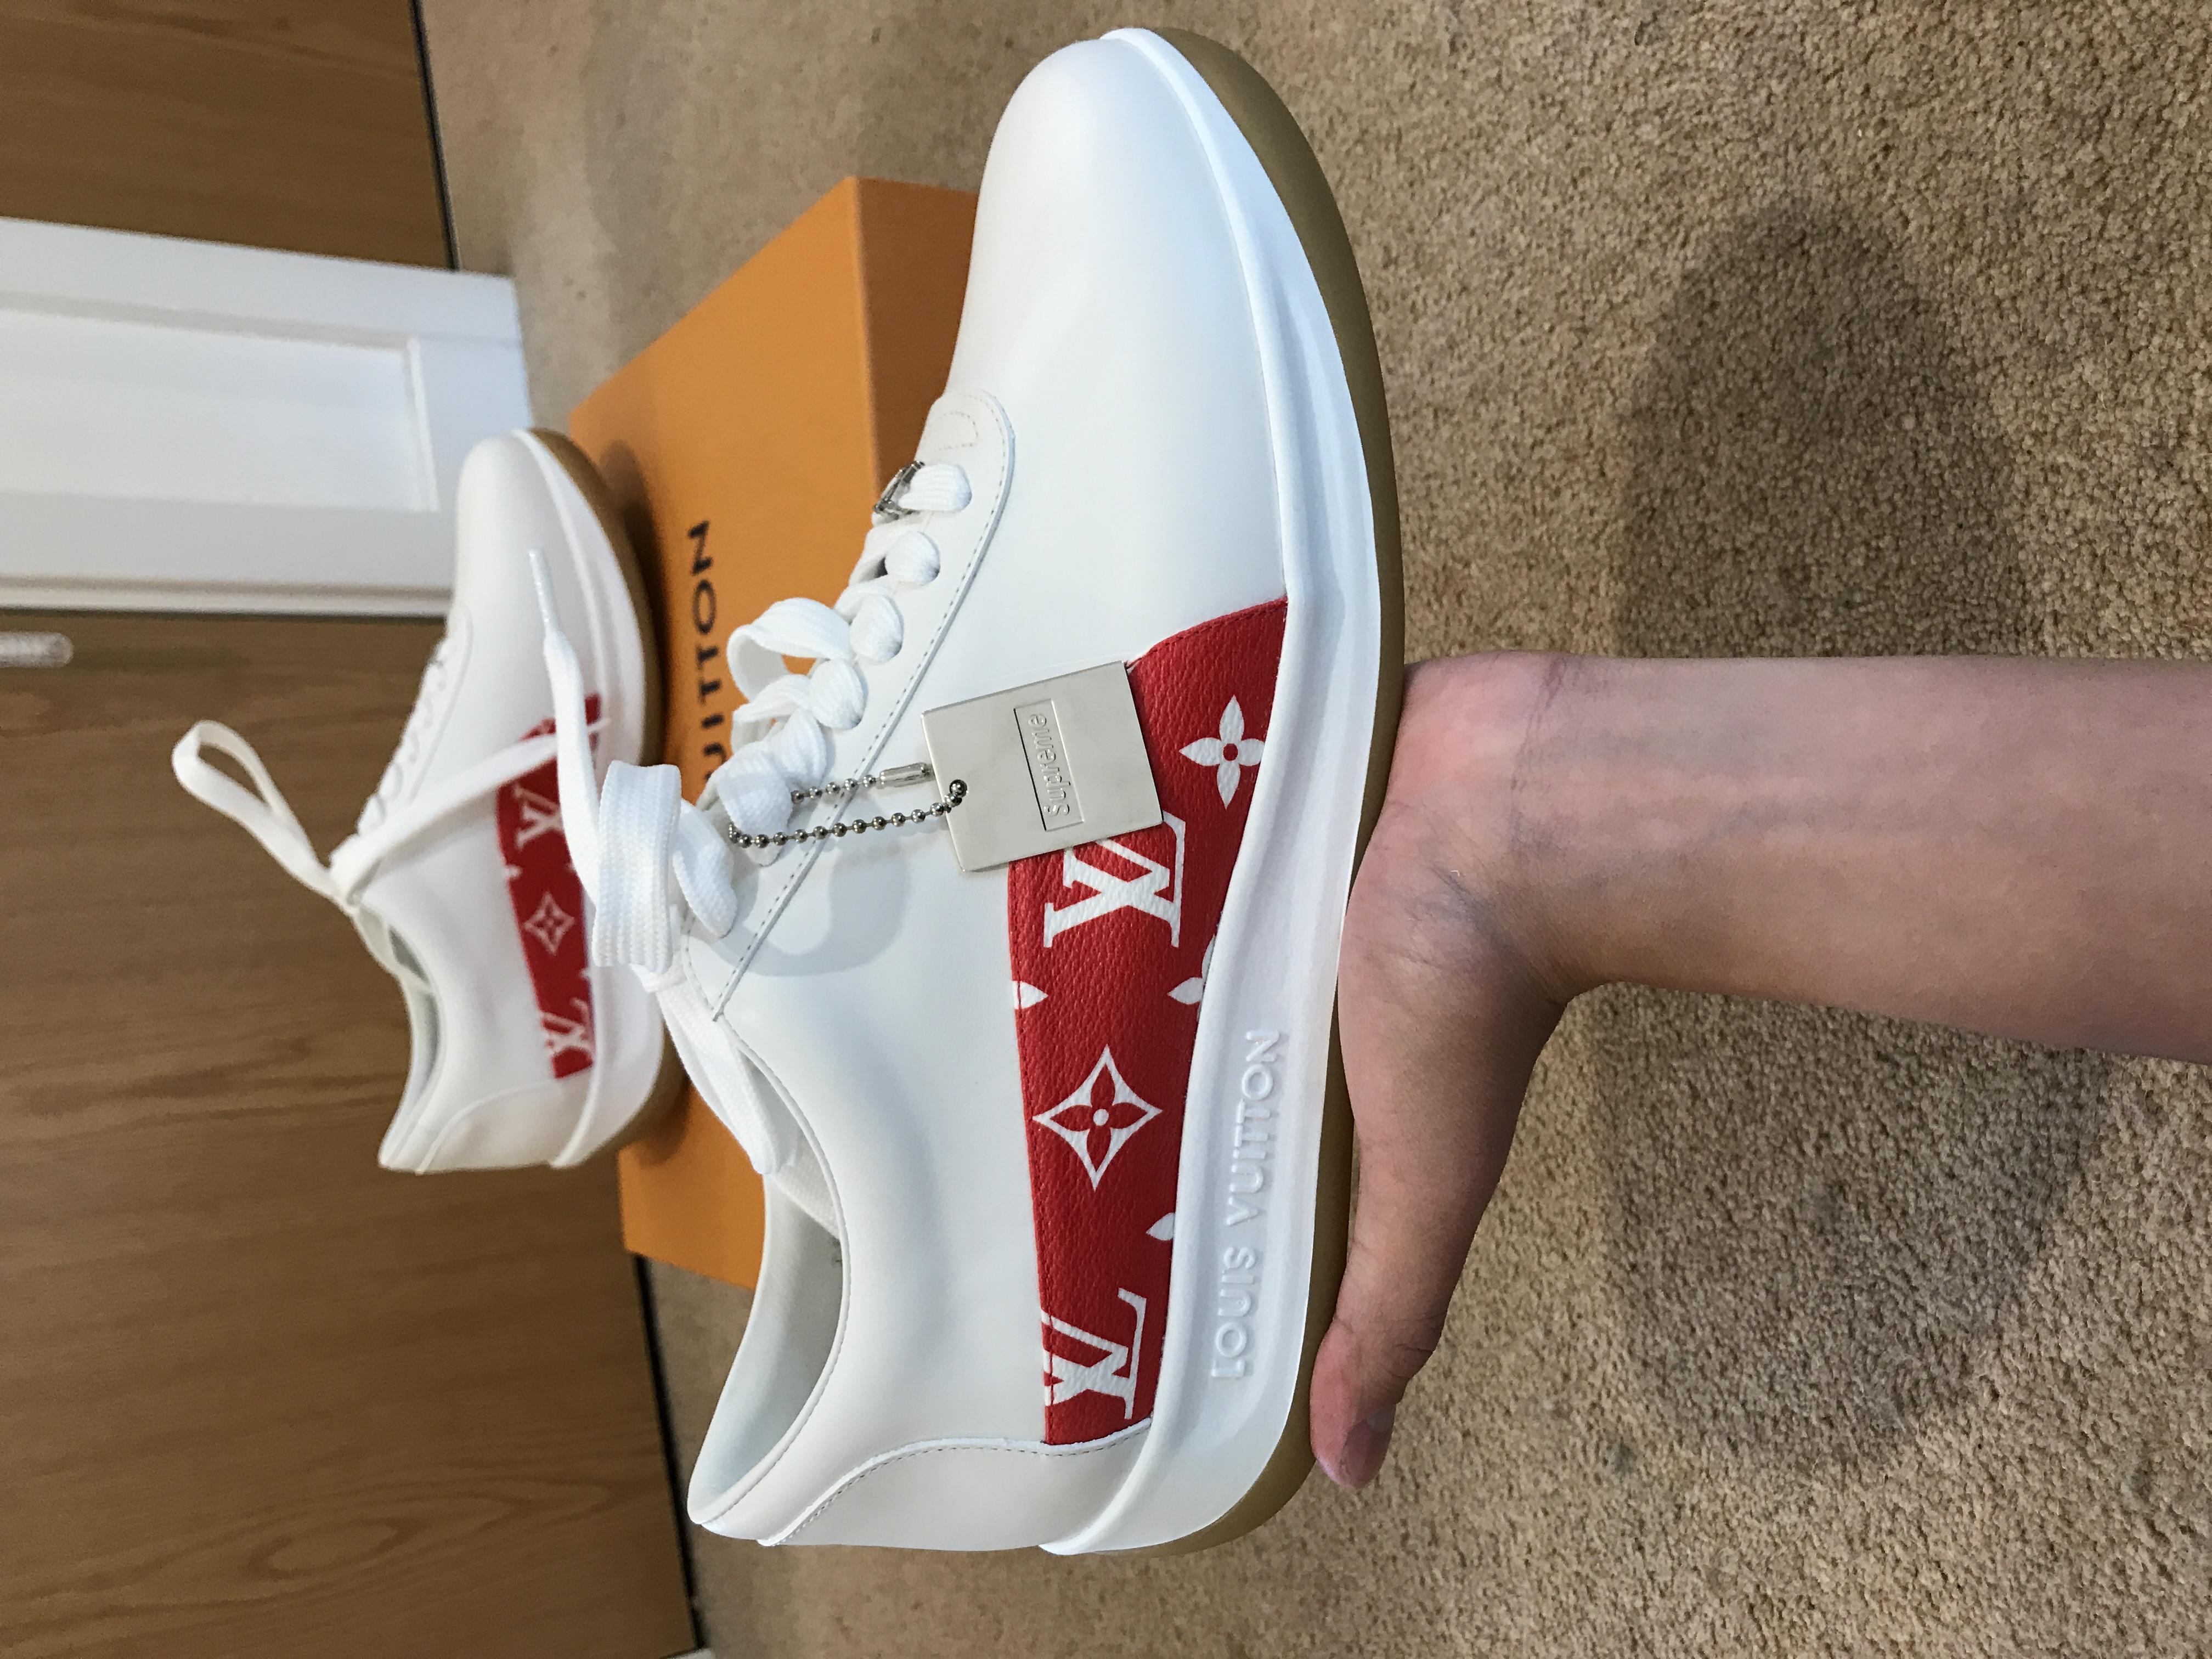 bb96a6bfac1d6e Supreme Supreme X Louis Vuitton White   Red Sport Sneaker !! 100% Legit !!  Deadstock Worldwide !